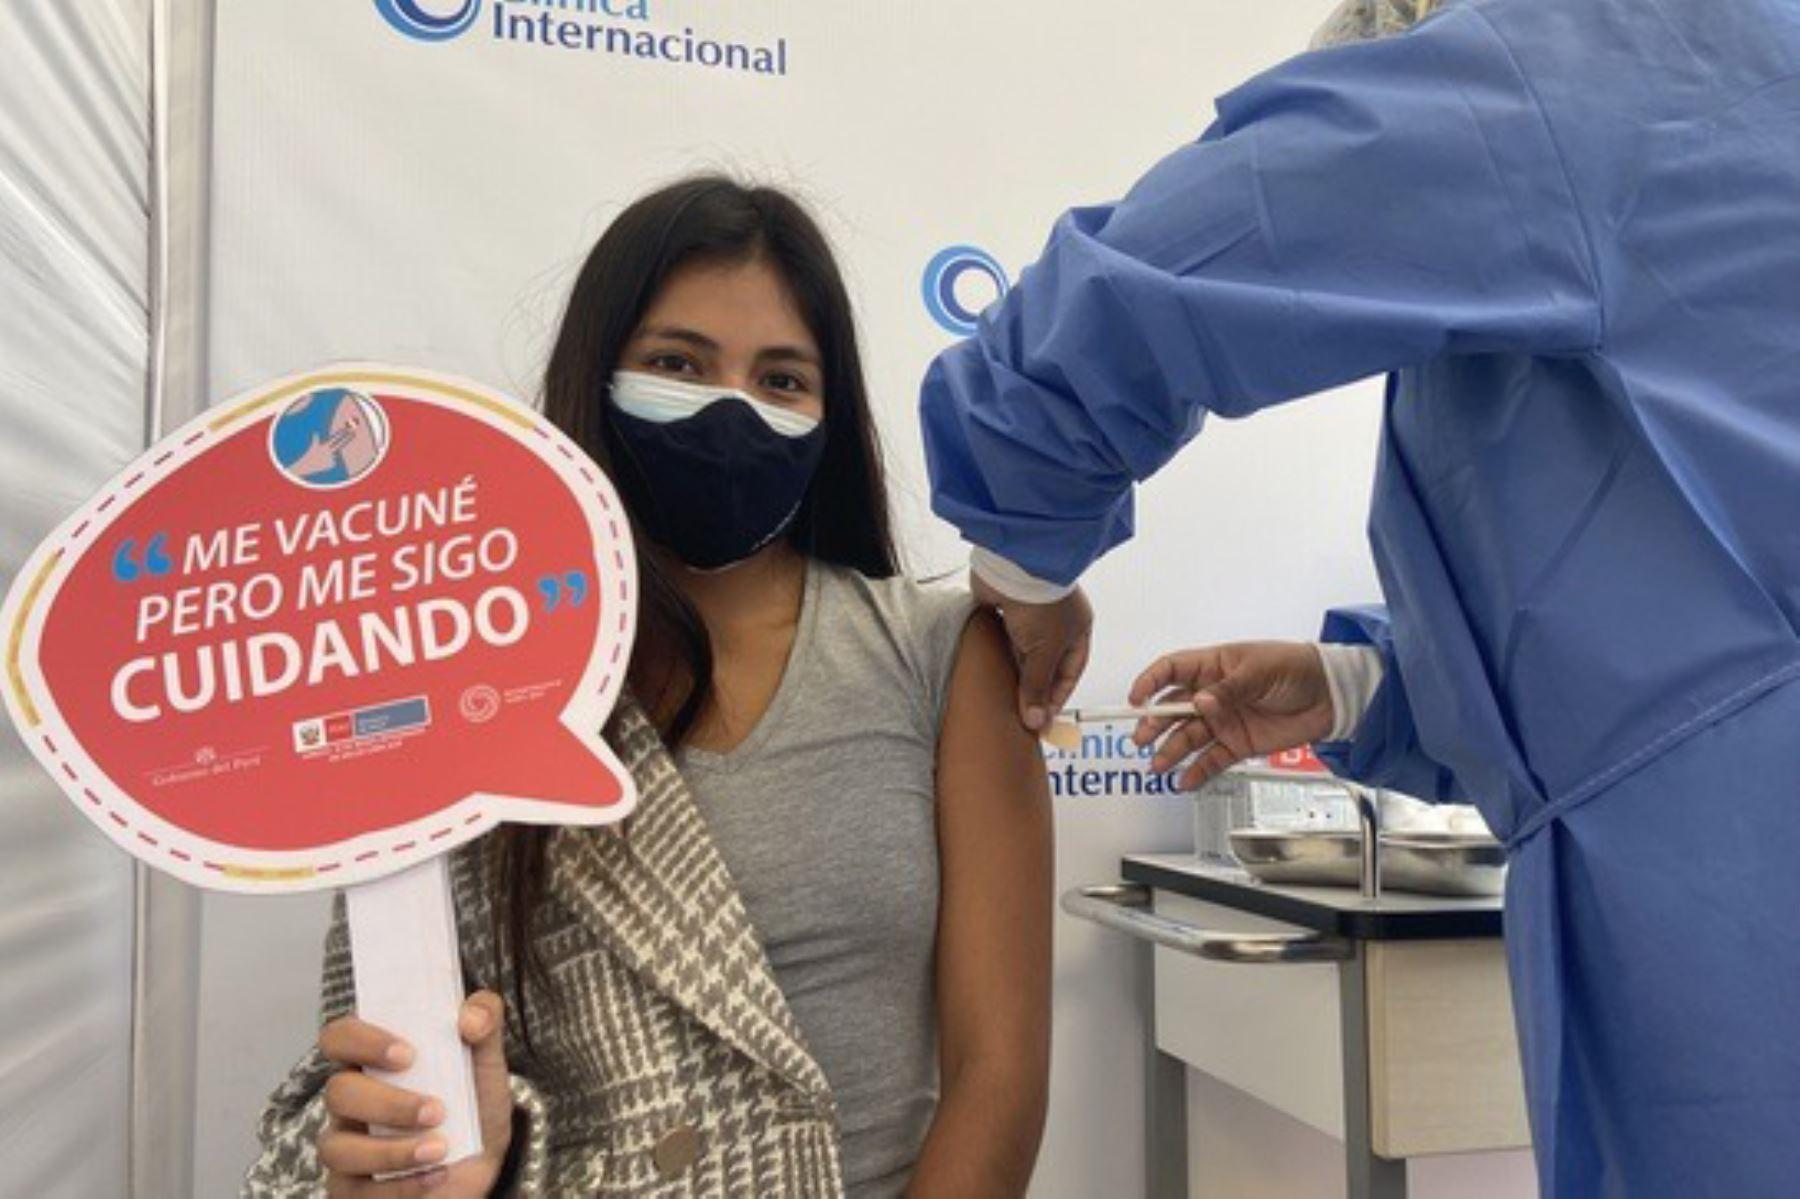 Diris Lima Sur habilita nuevo centro de vacunación en Clínica Internacional de Surco